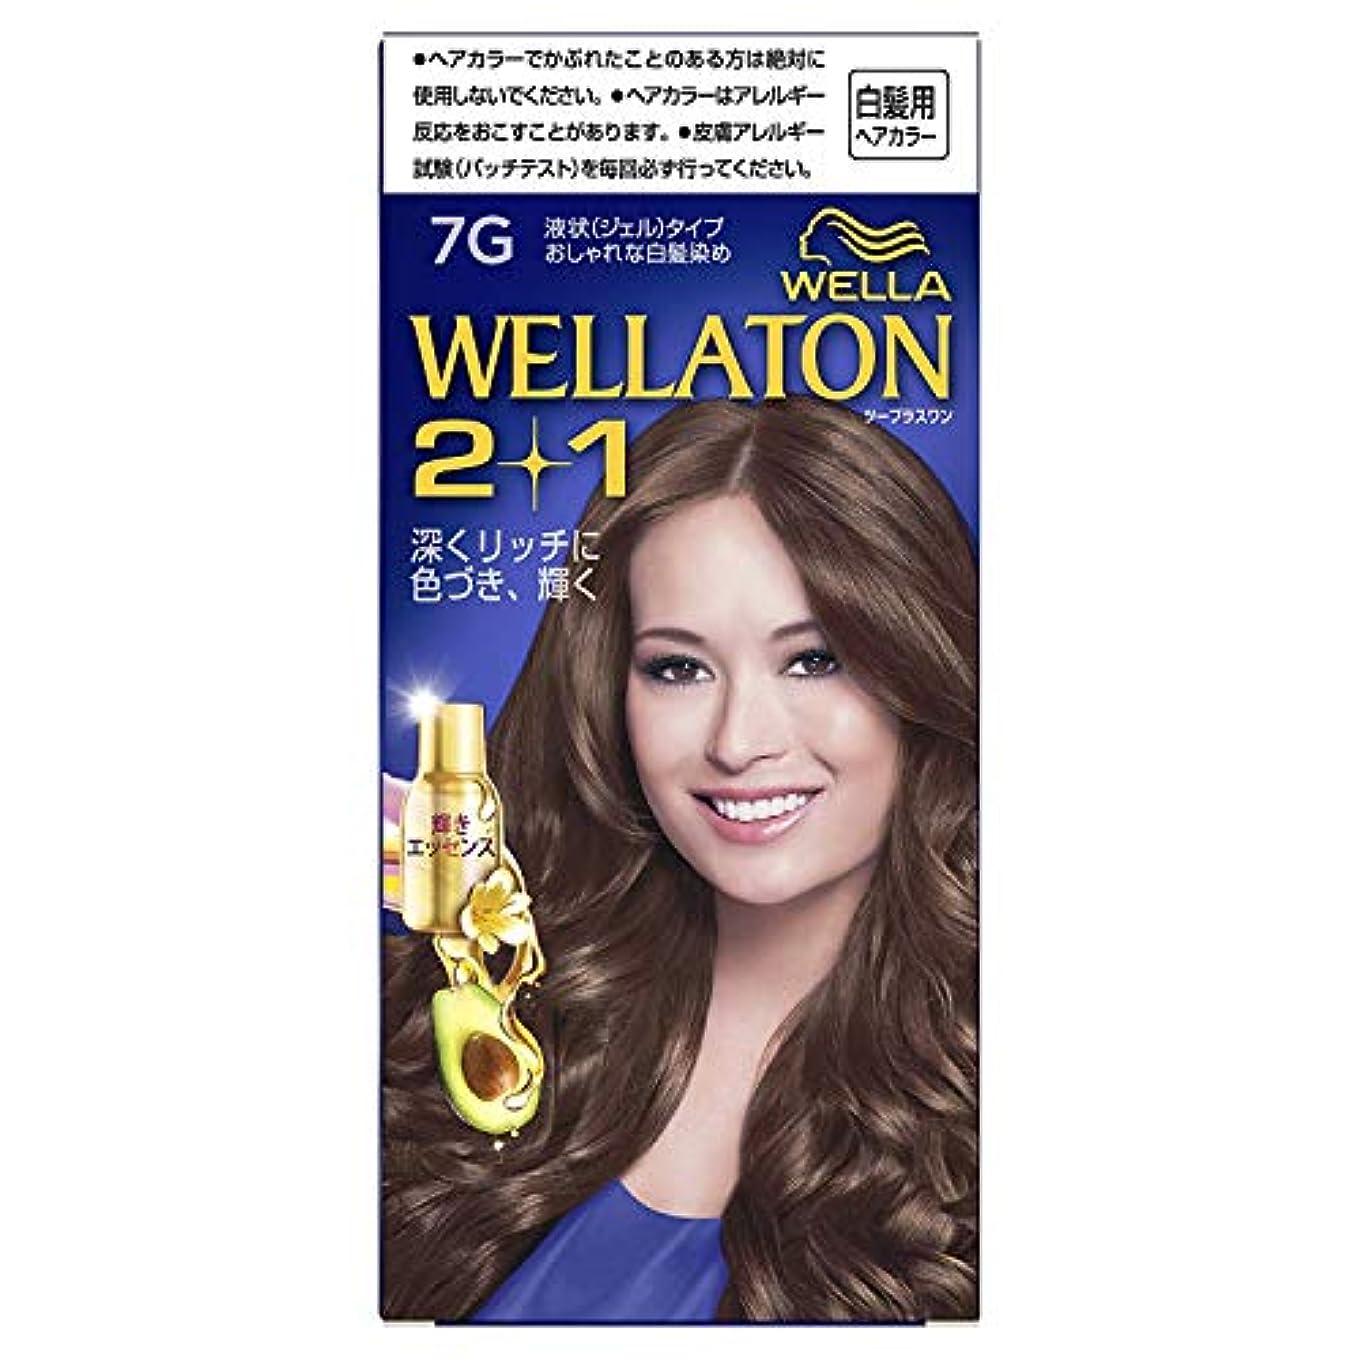 ハード配列識字ウエラトーン2+1 白髪染め 液状タイプ 7G [医薬部外品] ×6個